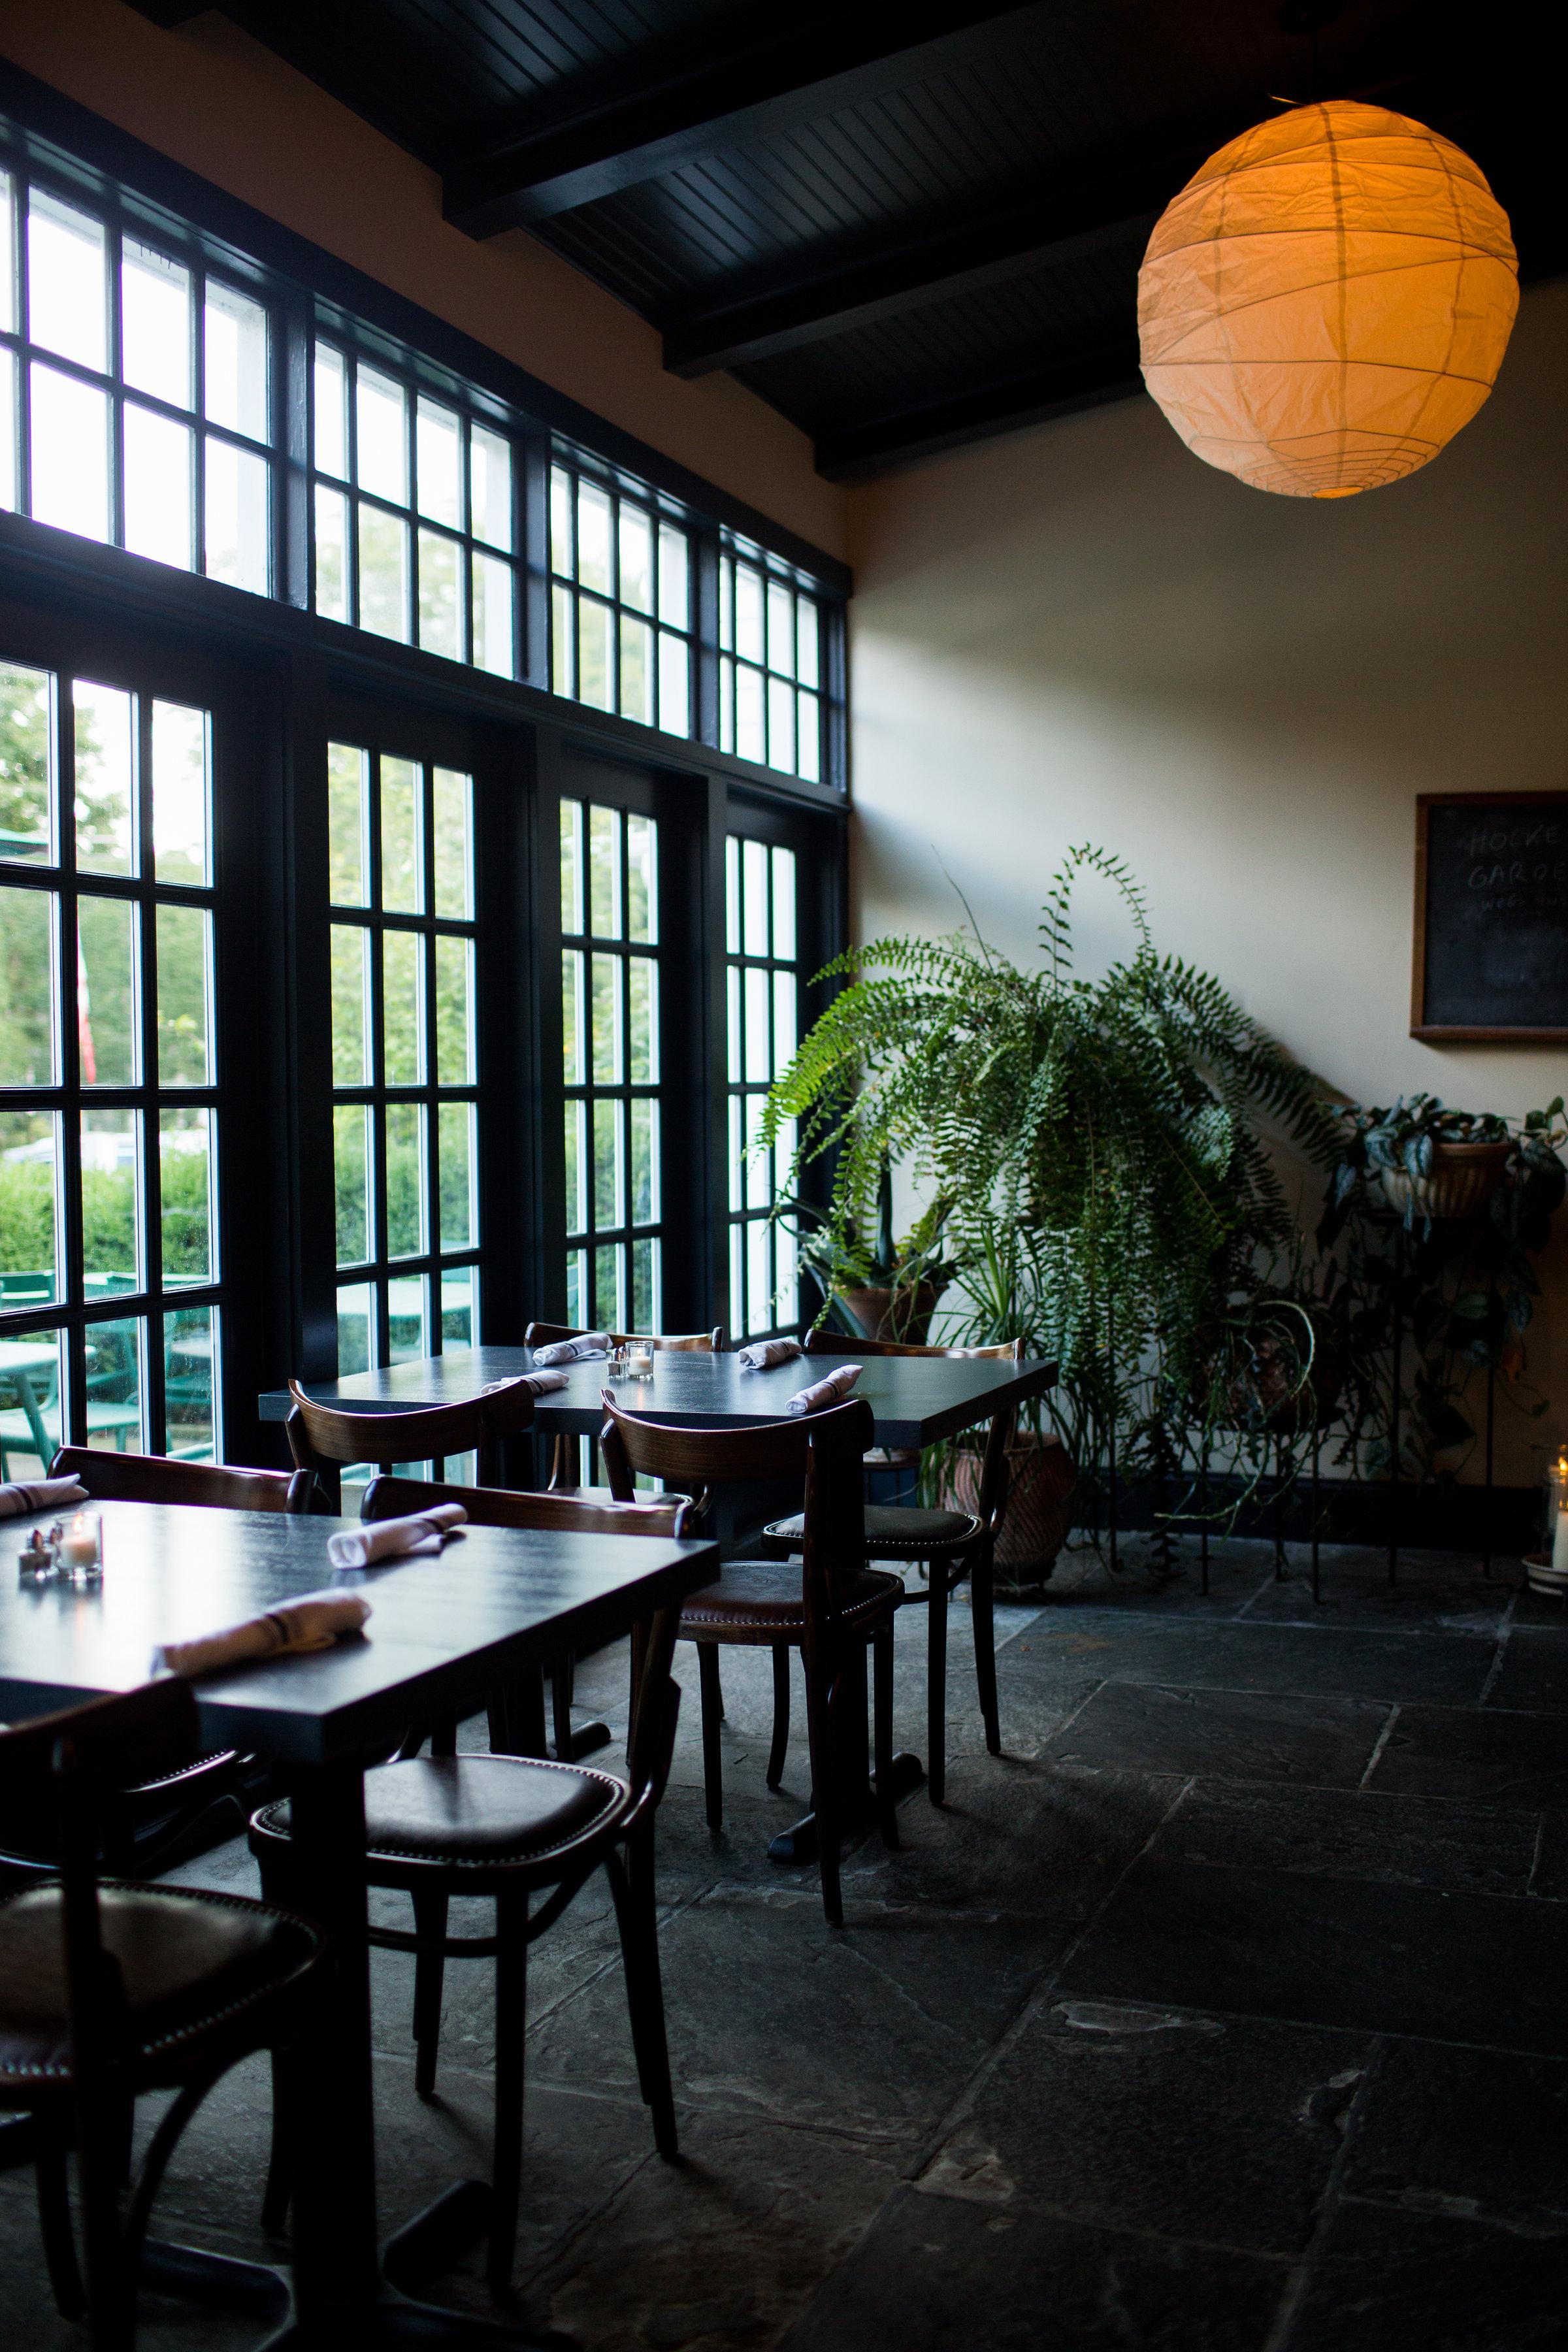 The White Hart Inn Garden Room Litchfield County.jpg